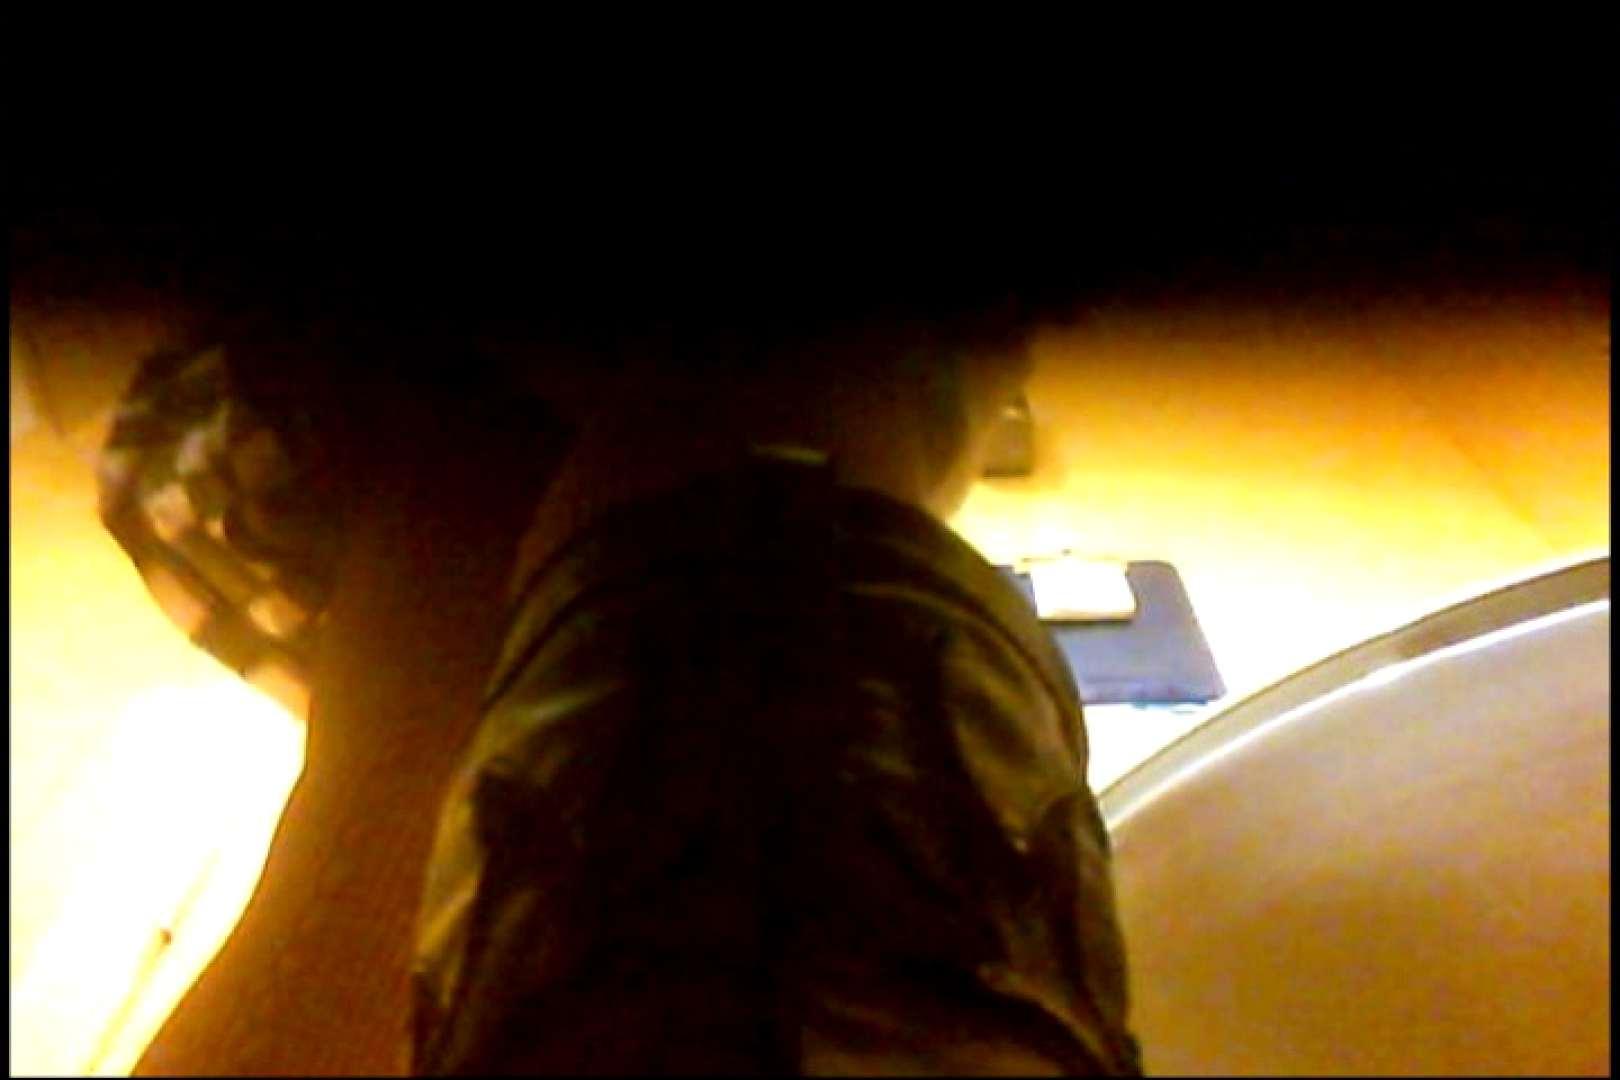 実録!魂の女子化粧室盗撮!!~隠れ潜む特殊カメラ~vo,04 熟女 | 盗撮  102画像 95